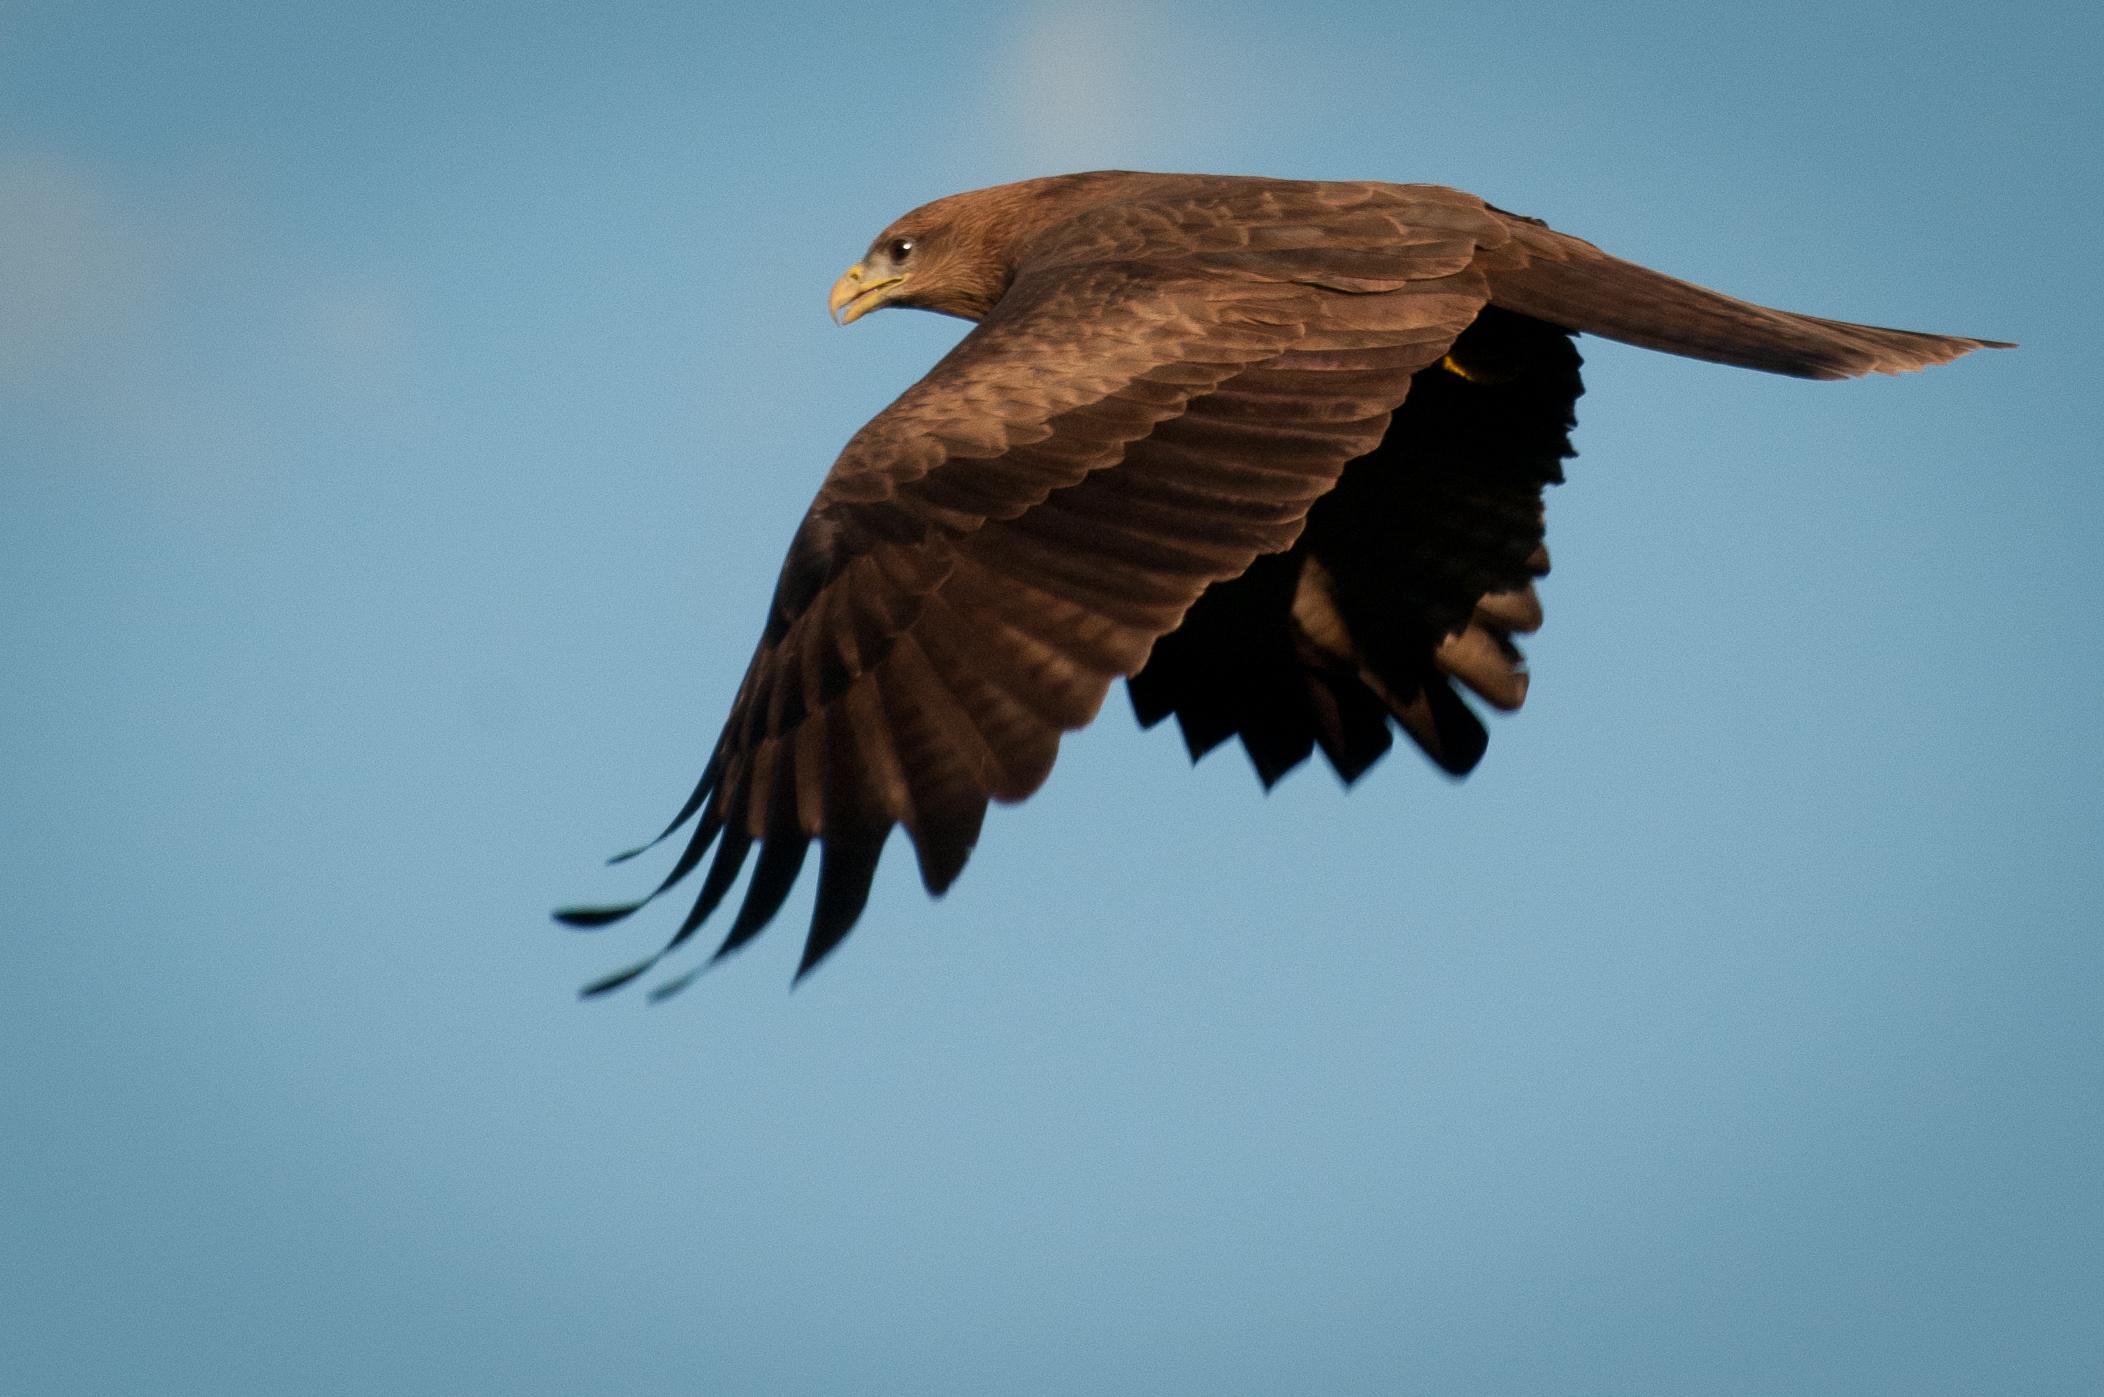 Black Kite, Ngong Hills, Kenya